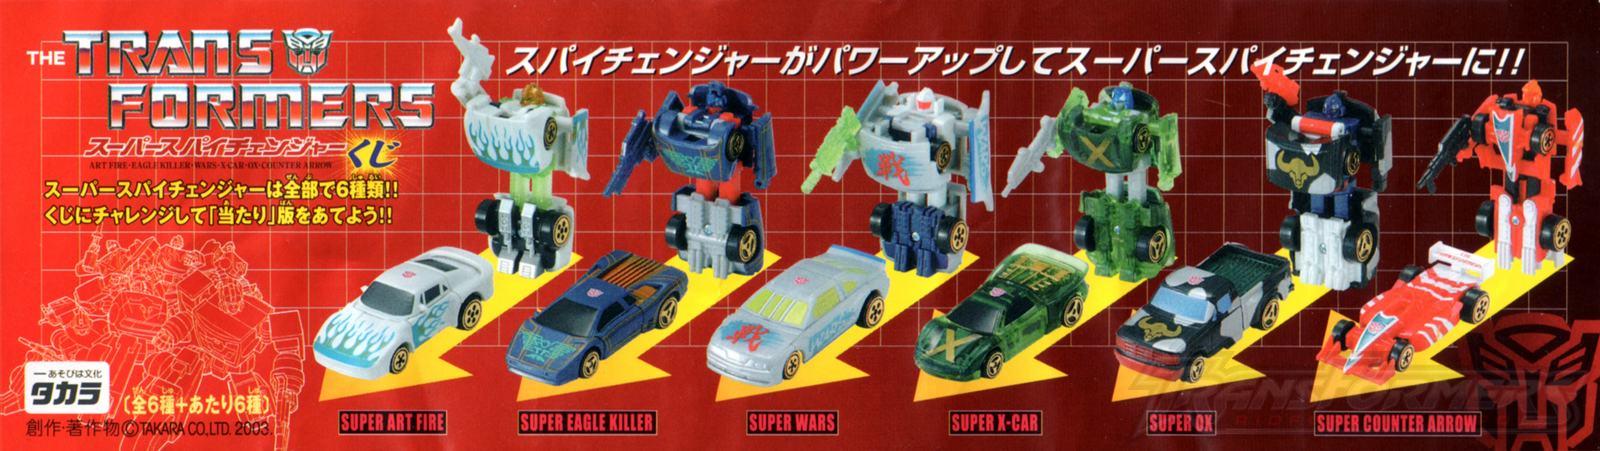 Super-Spychangers-Front